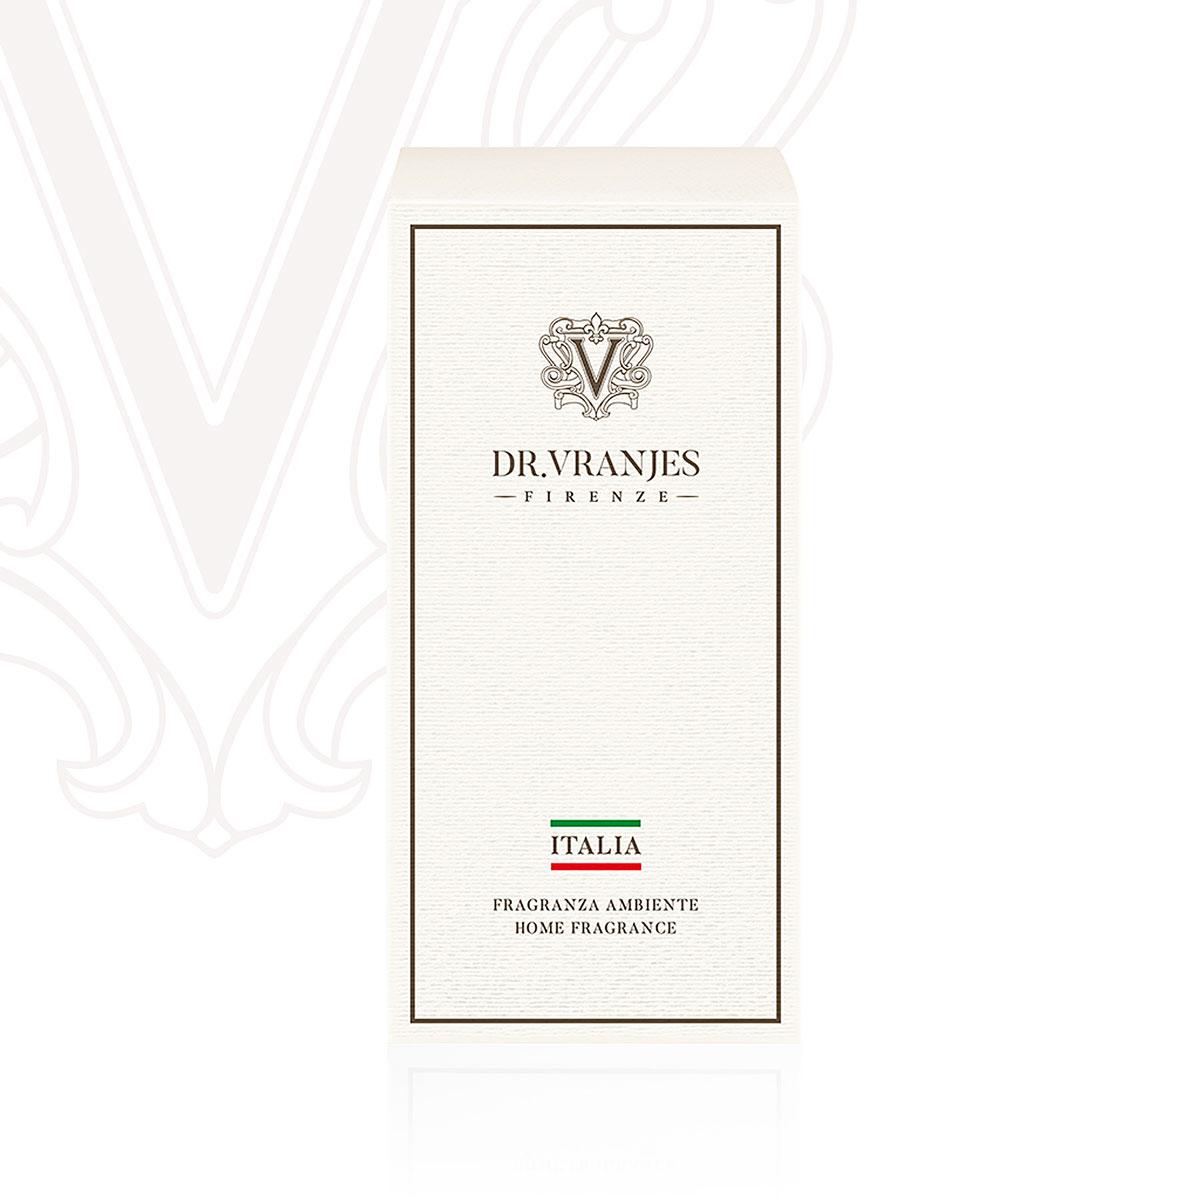 ドットール・ヴラニエス Dr.Vranjes ディフューザー ハンドジェル付き ITALIA DRV イタリア 250ml